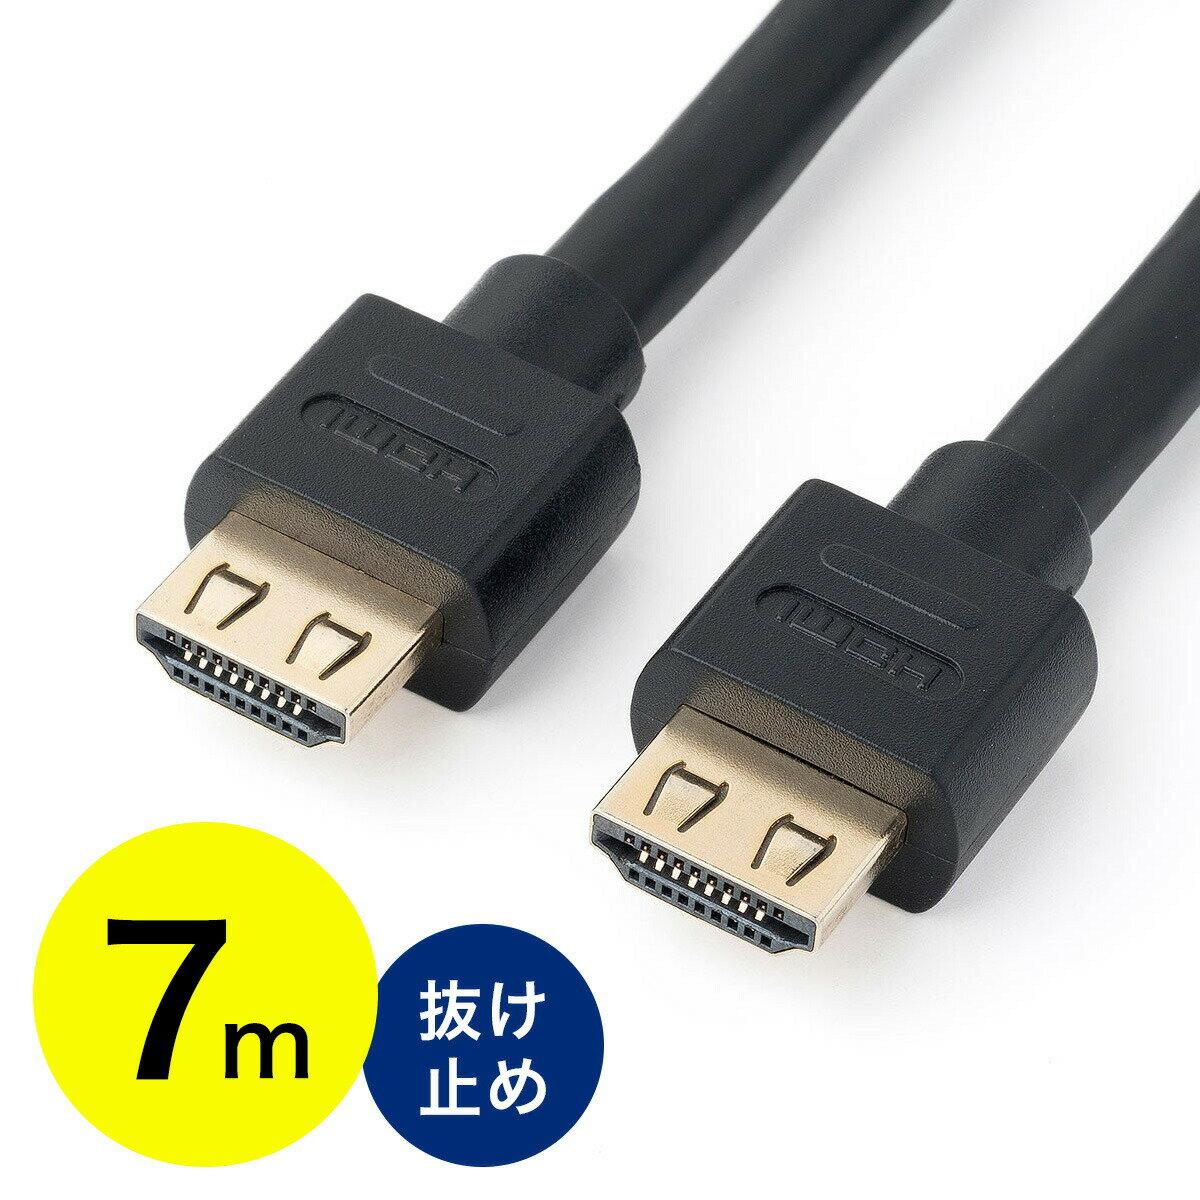 抜けにくいHDMIケーブル 7m フルHD 3D対応 ラッチ内蔵 映像+音声用 HEC対応 ブラック [500-HDMI012-7]【サンワダイレクト限定品】